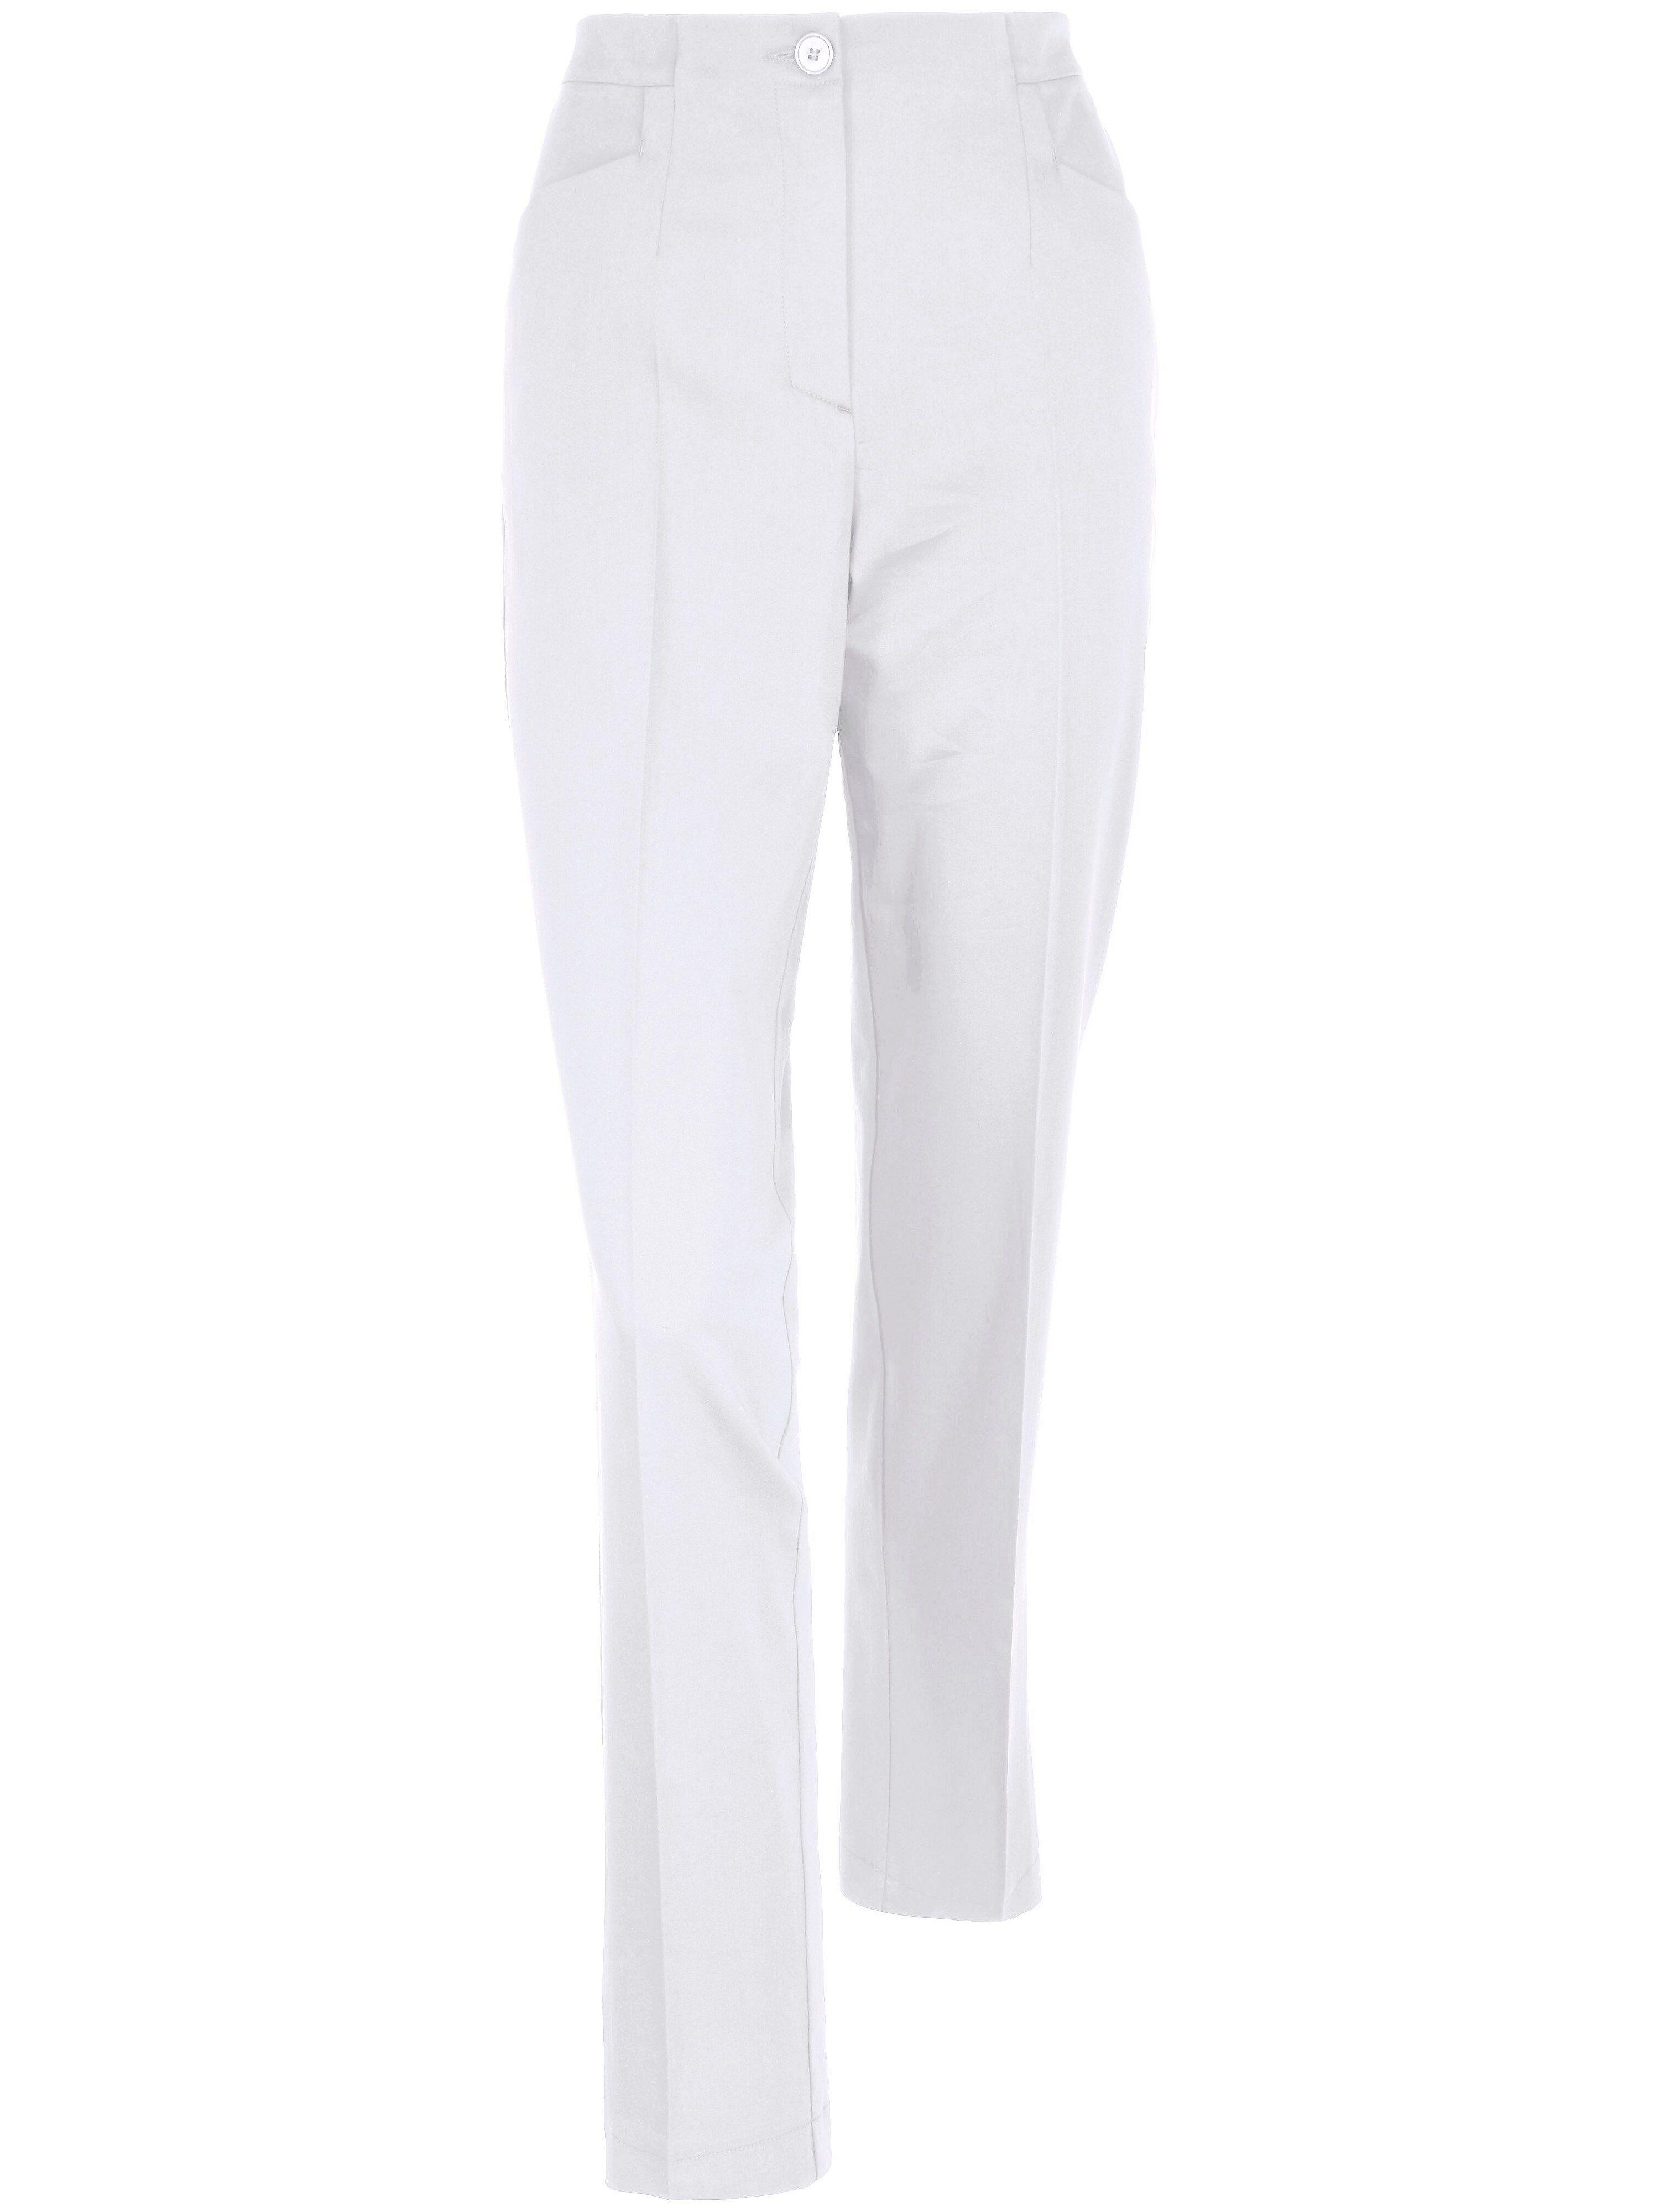 Peter Hahn Le pantalon facile d'entretien  Peter Hahn blanc  - Femme - 21